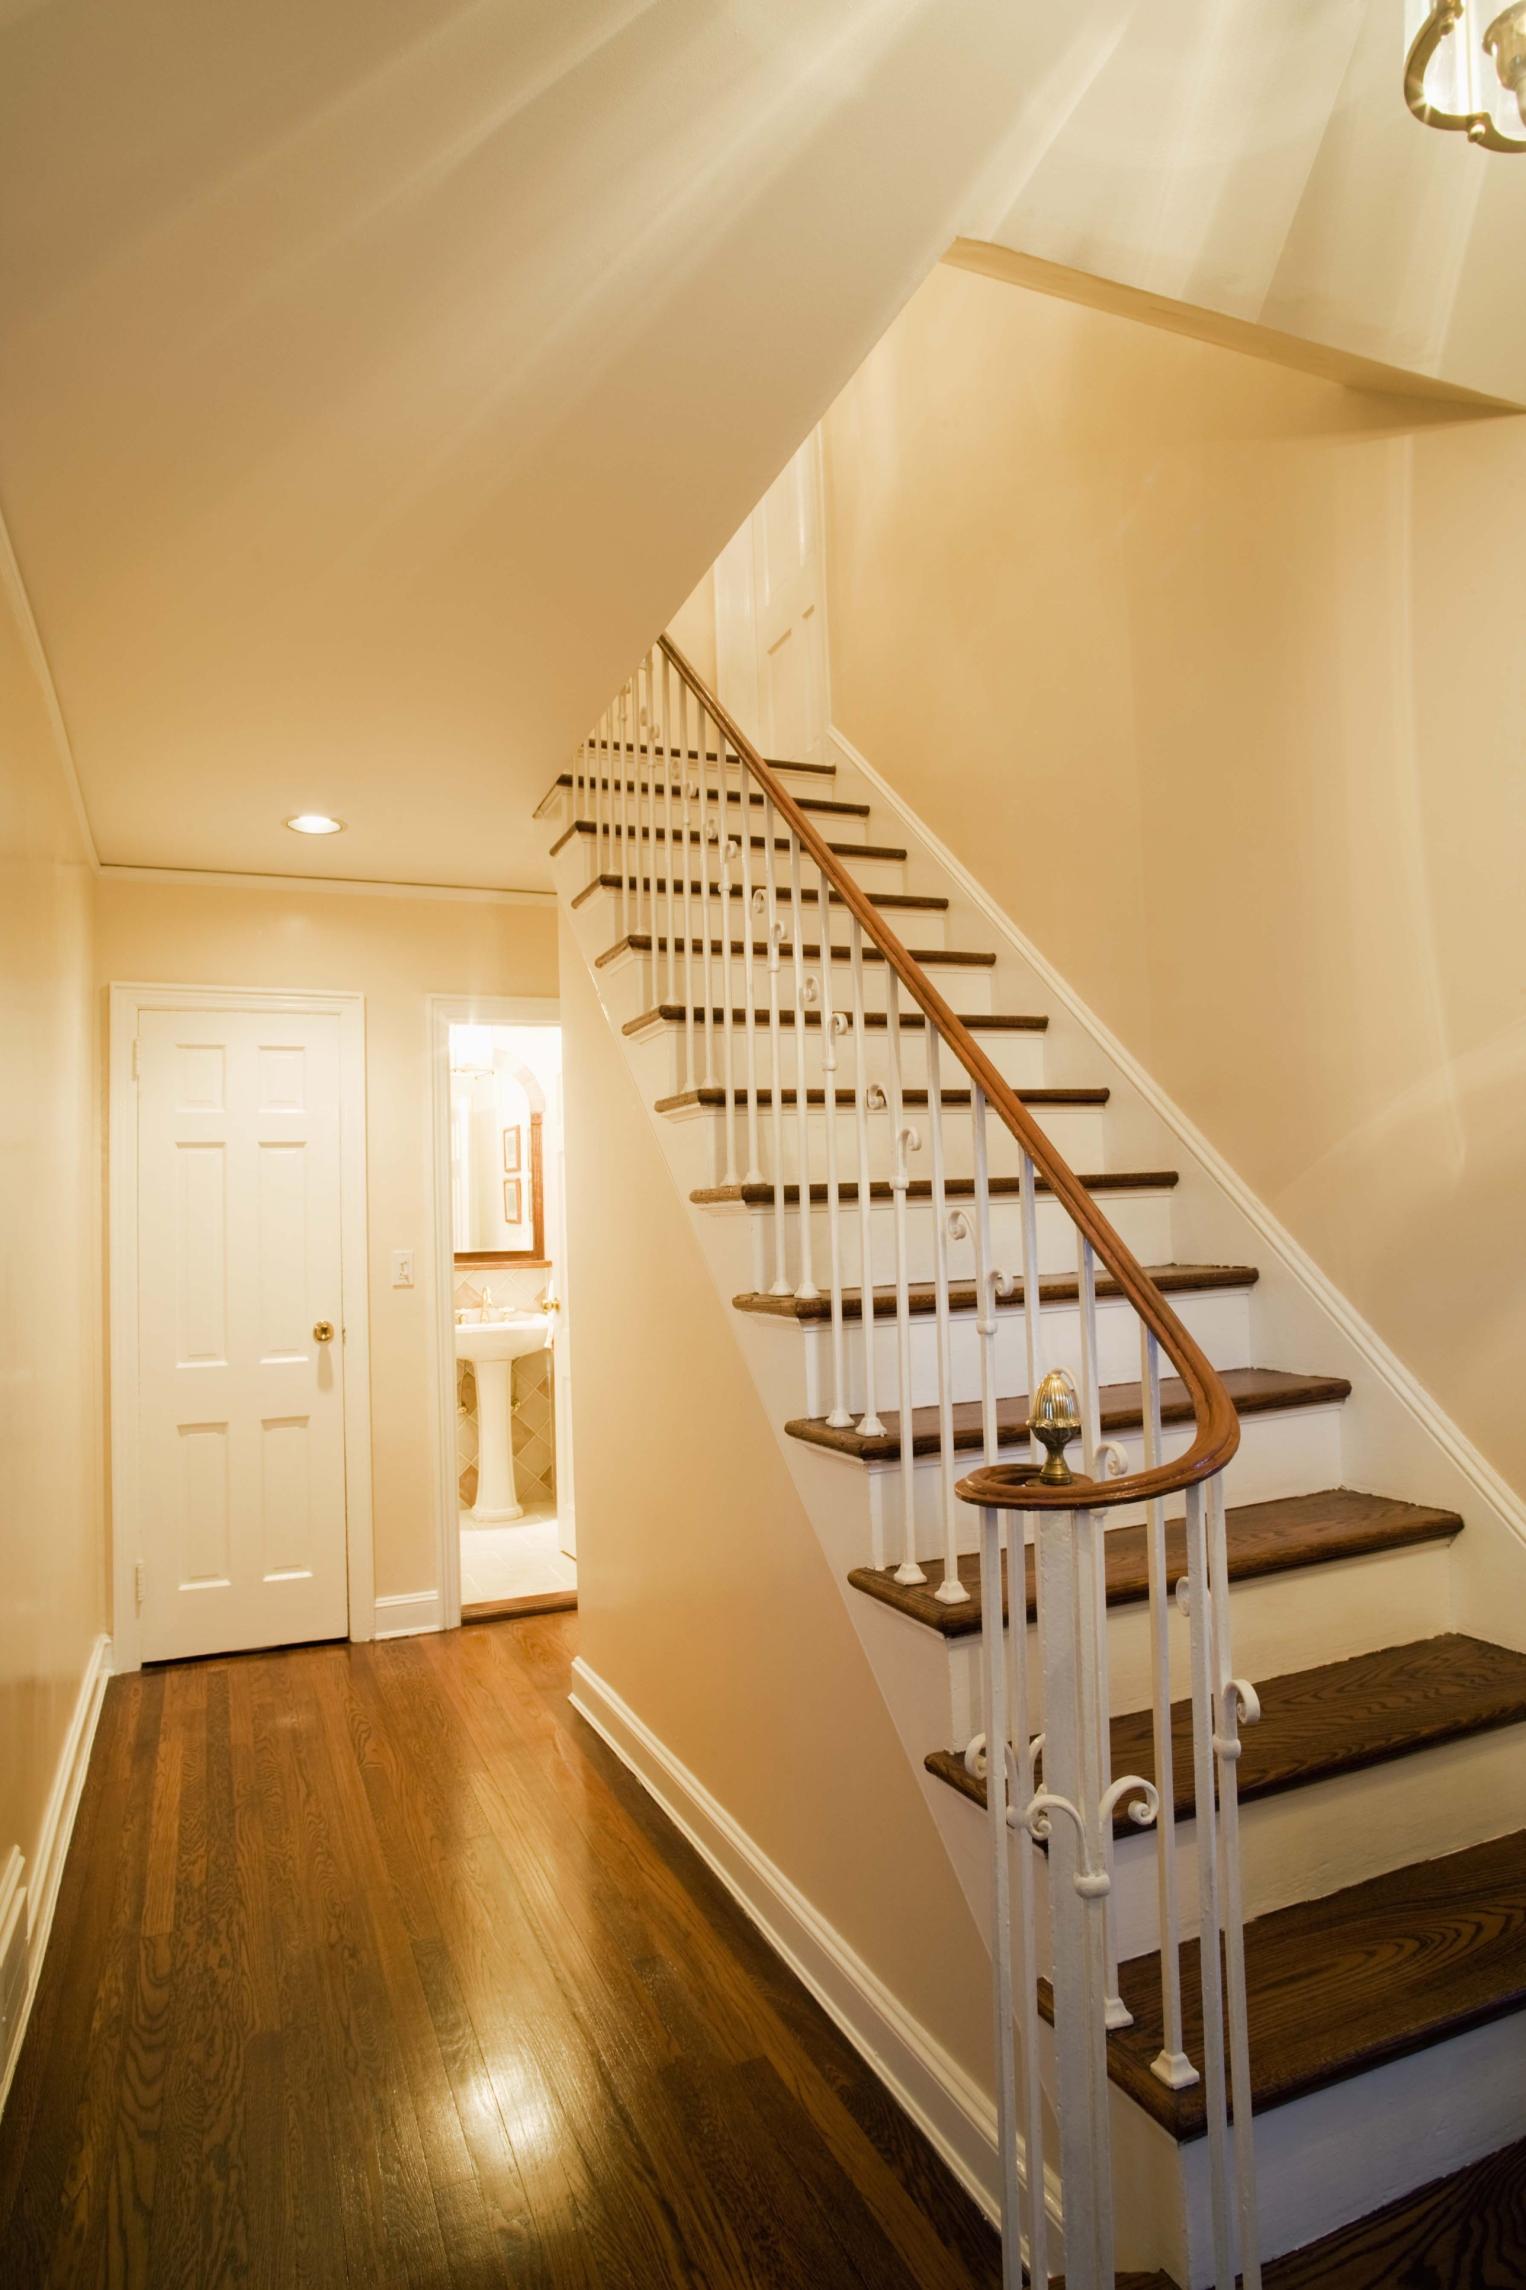 Pintar Pared Escalera Dos Tonos Como Pintar Una Habitacion En Dos Colores With Como Pintar Las Paredes De Mi Casa With Pintar Pared Escalera Dos